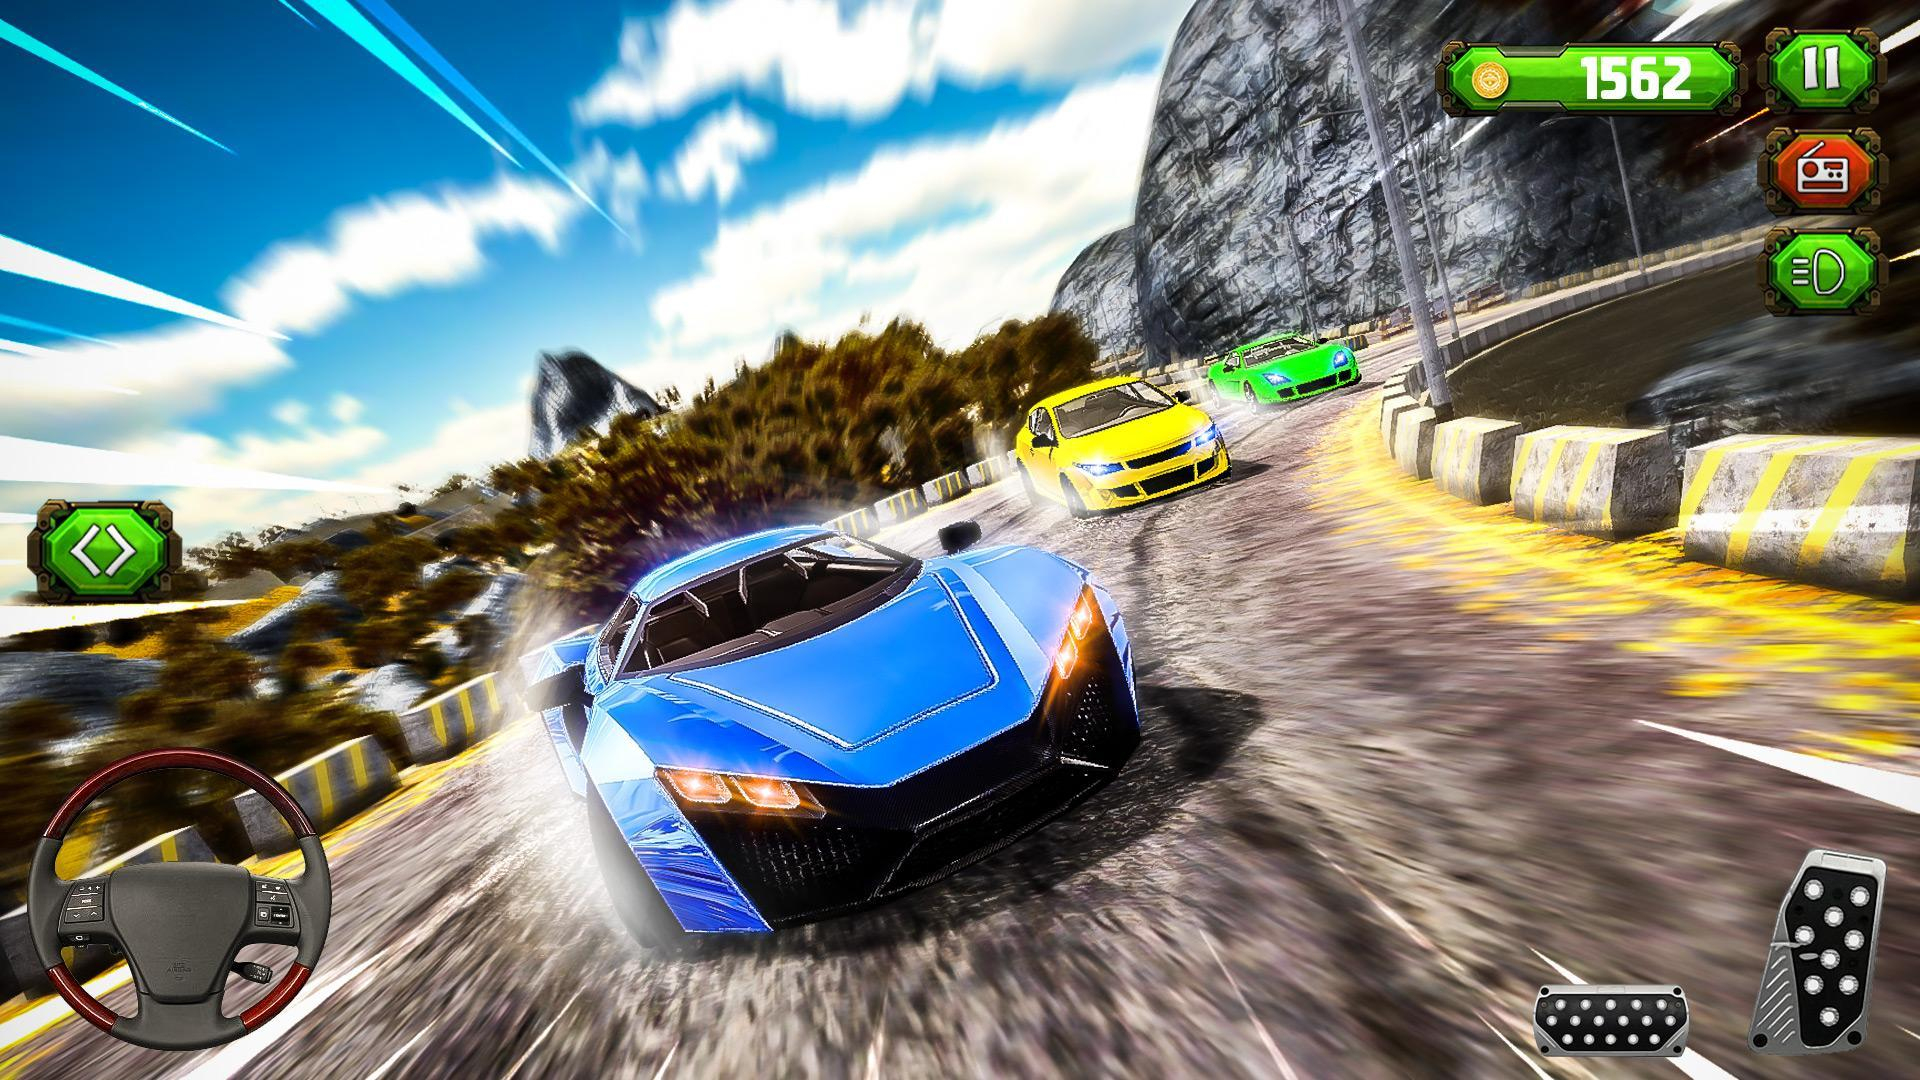 Jeux De Voiture 2020: Jeu De Course Automobile Pour Android encequiconcerne Jeux De Cours De Voiture